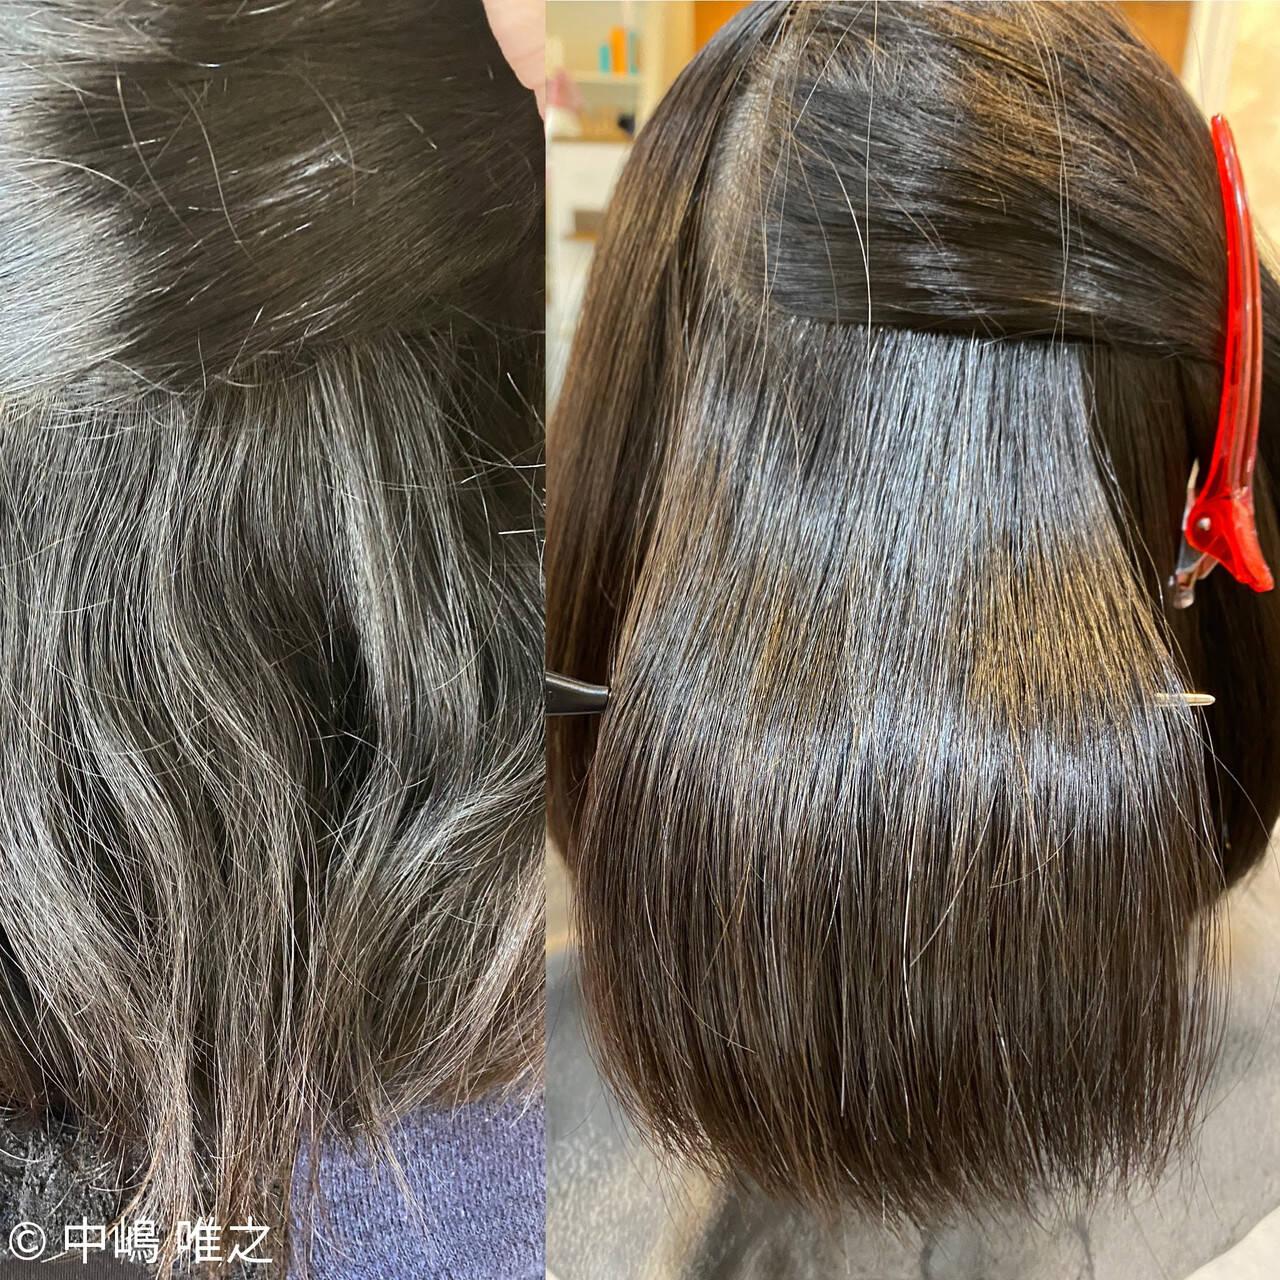 ナチュラル ボブ 髪質改善 切りっぱなしボブヘアスタイルや髪型の写真・画像